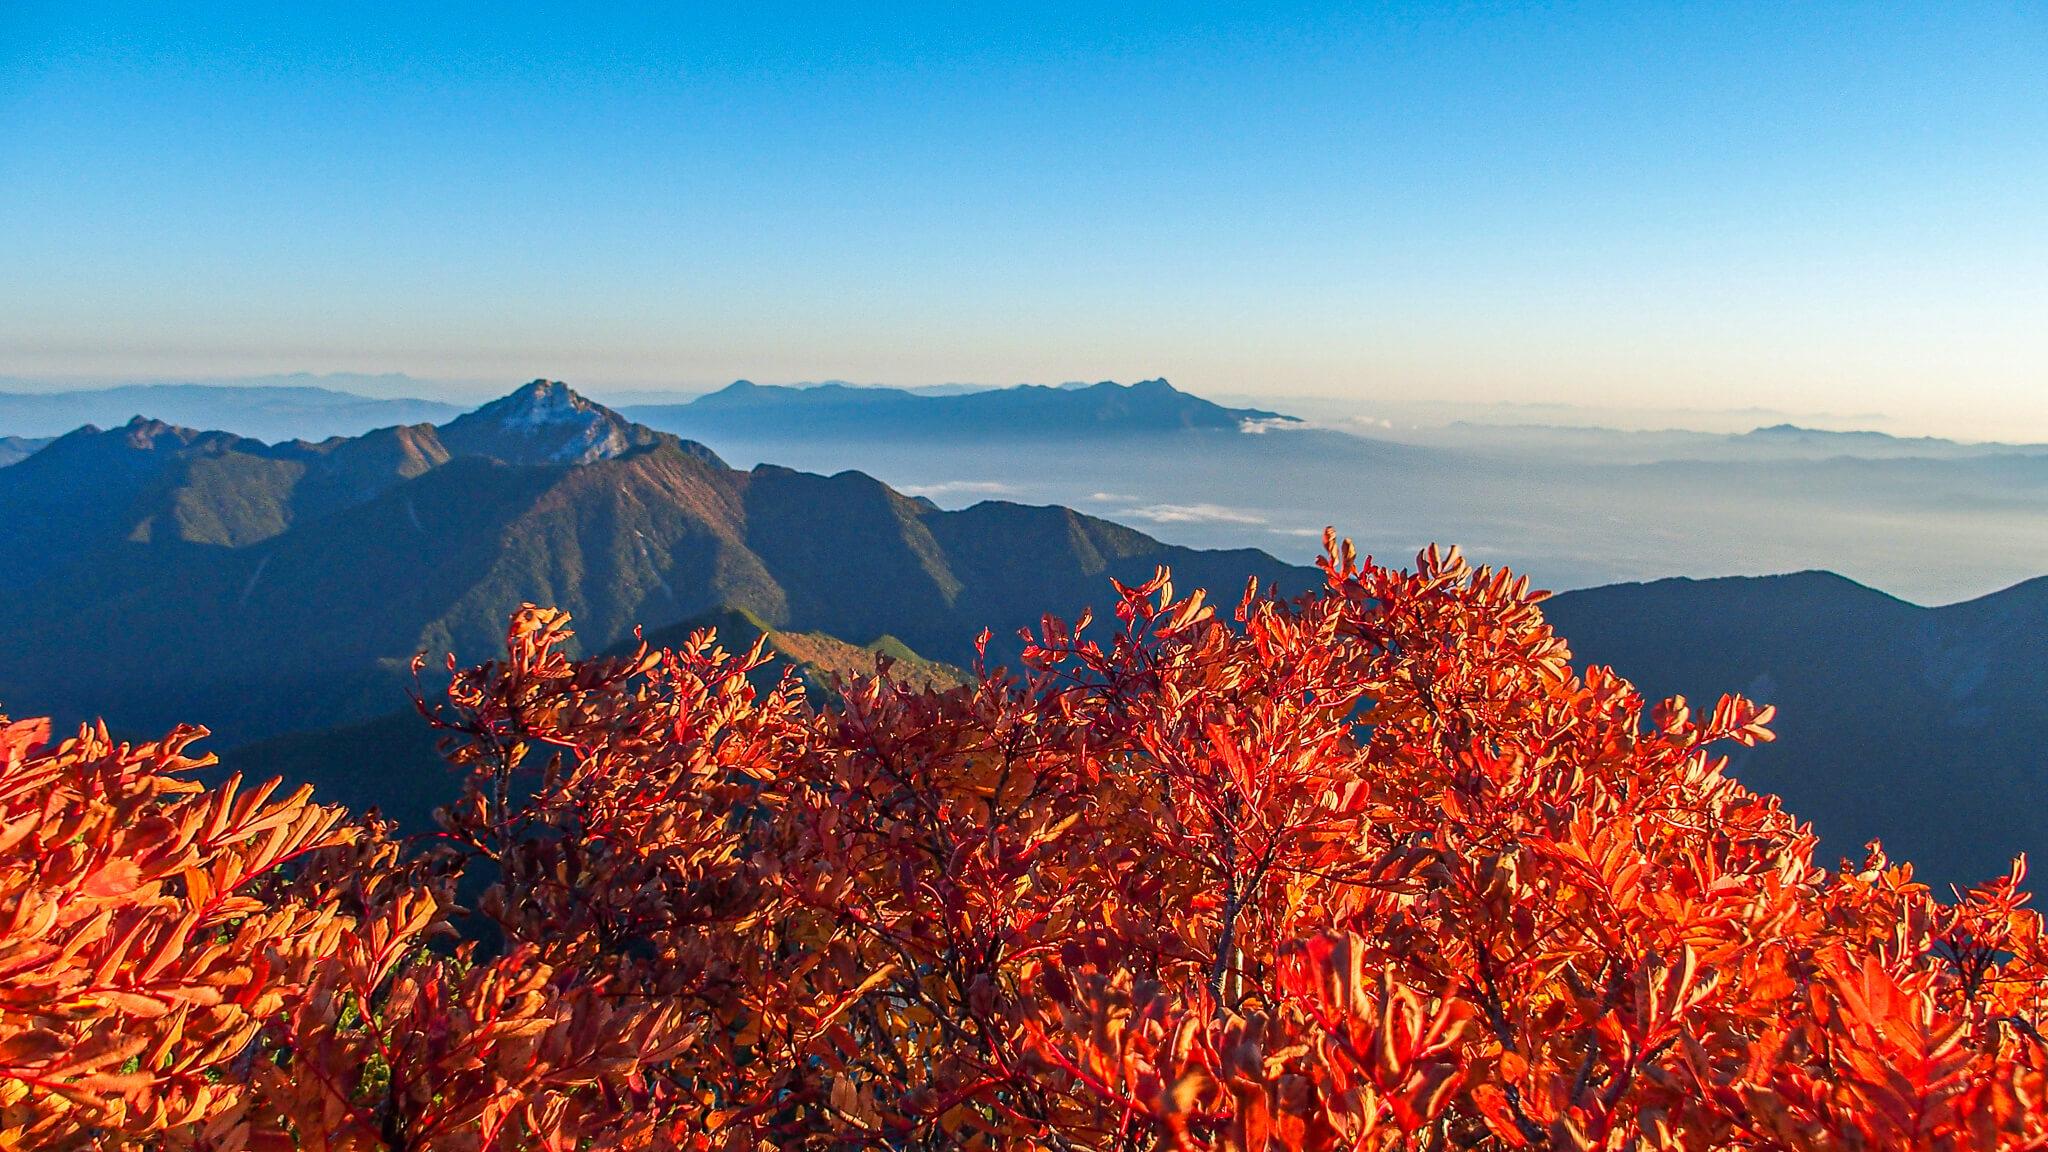 北岳・紅葉と甲斐駒ヶ岳と八ヶ岳